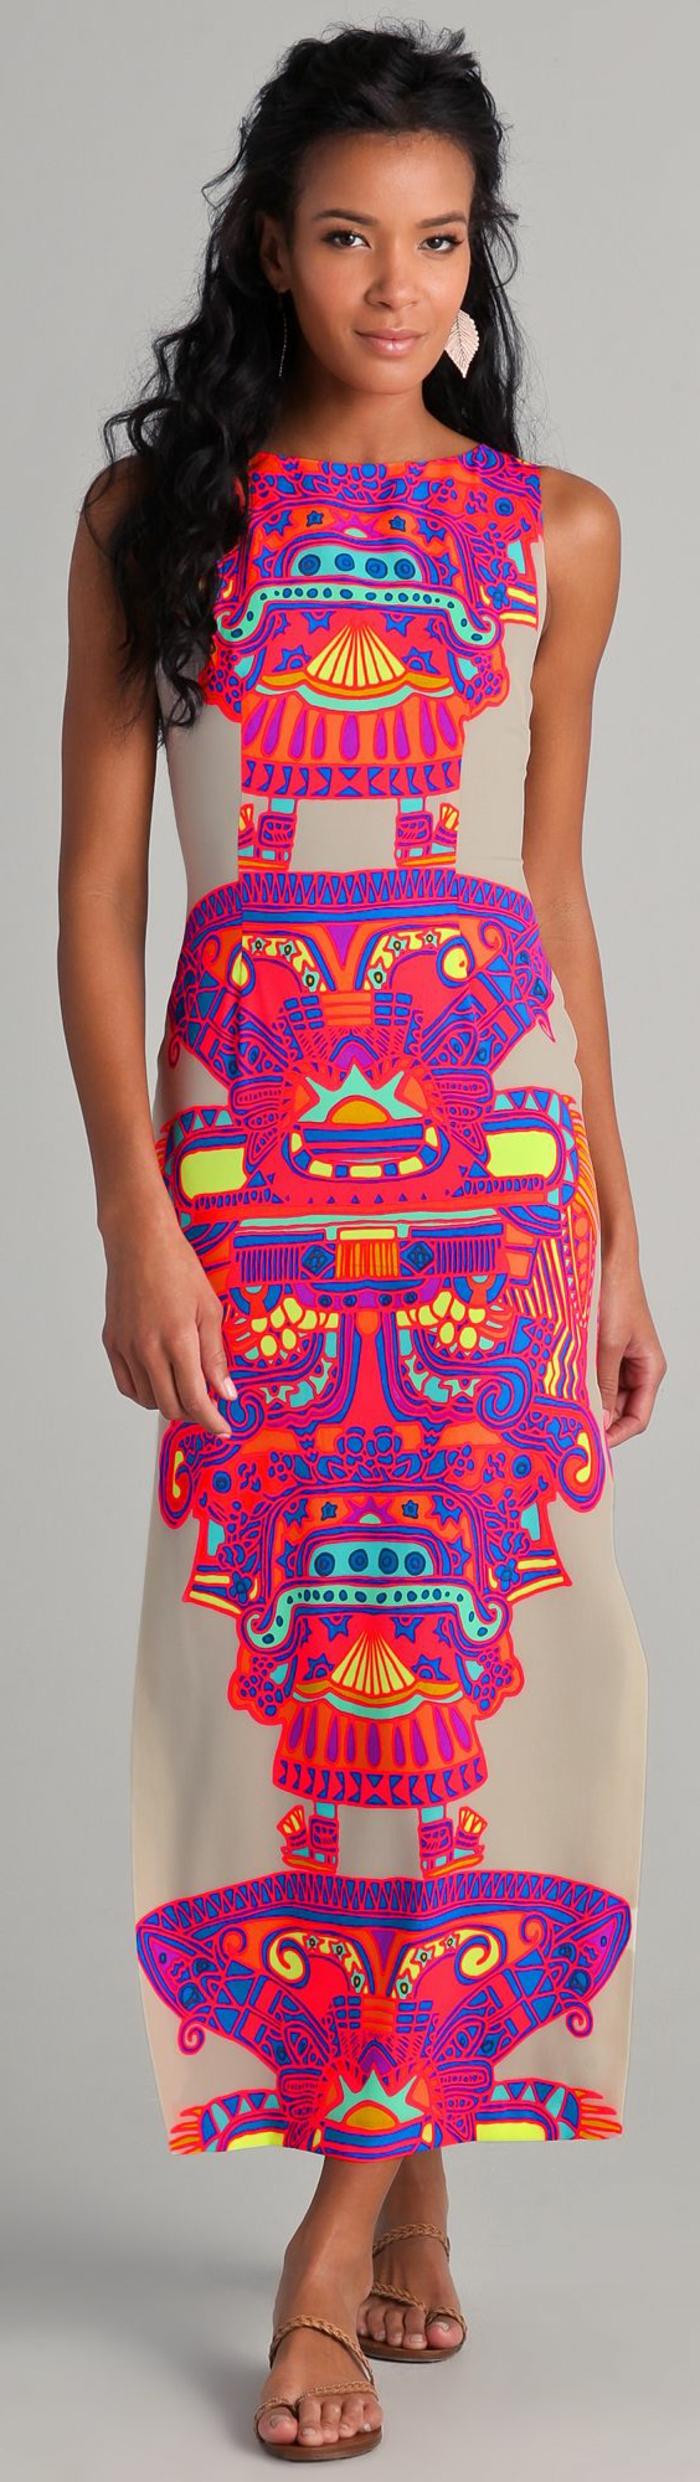 vetements ethniques, robe rose aux imprimés originaux, figures géométriques